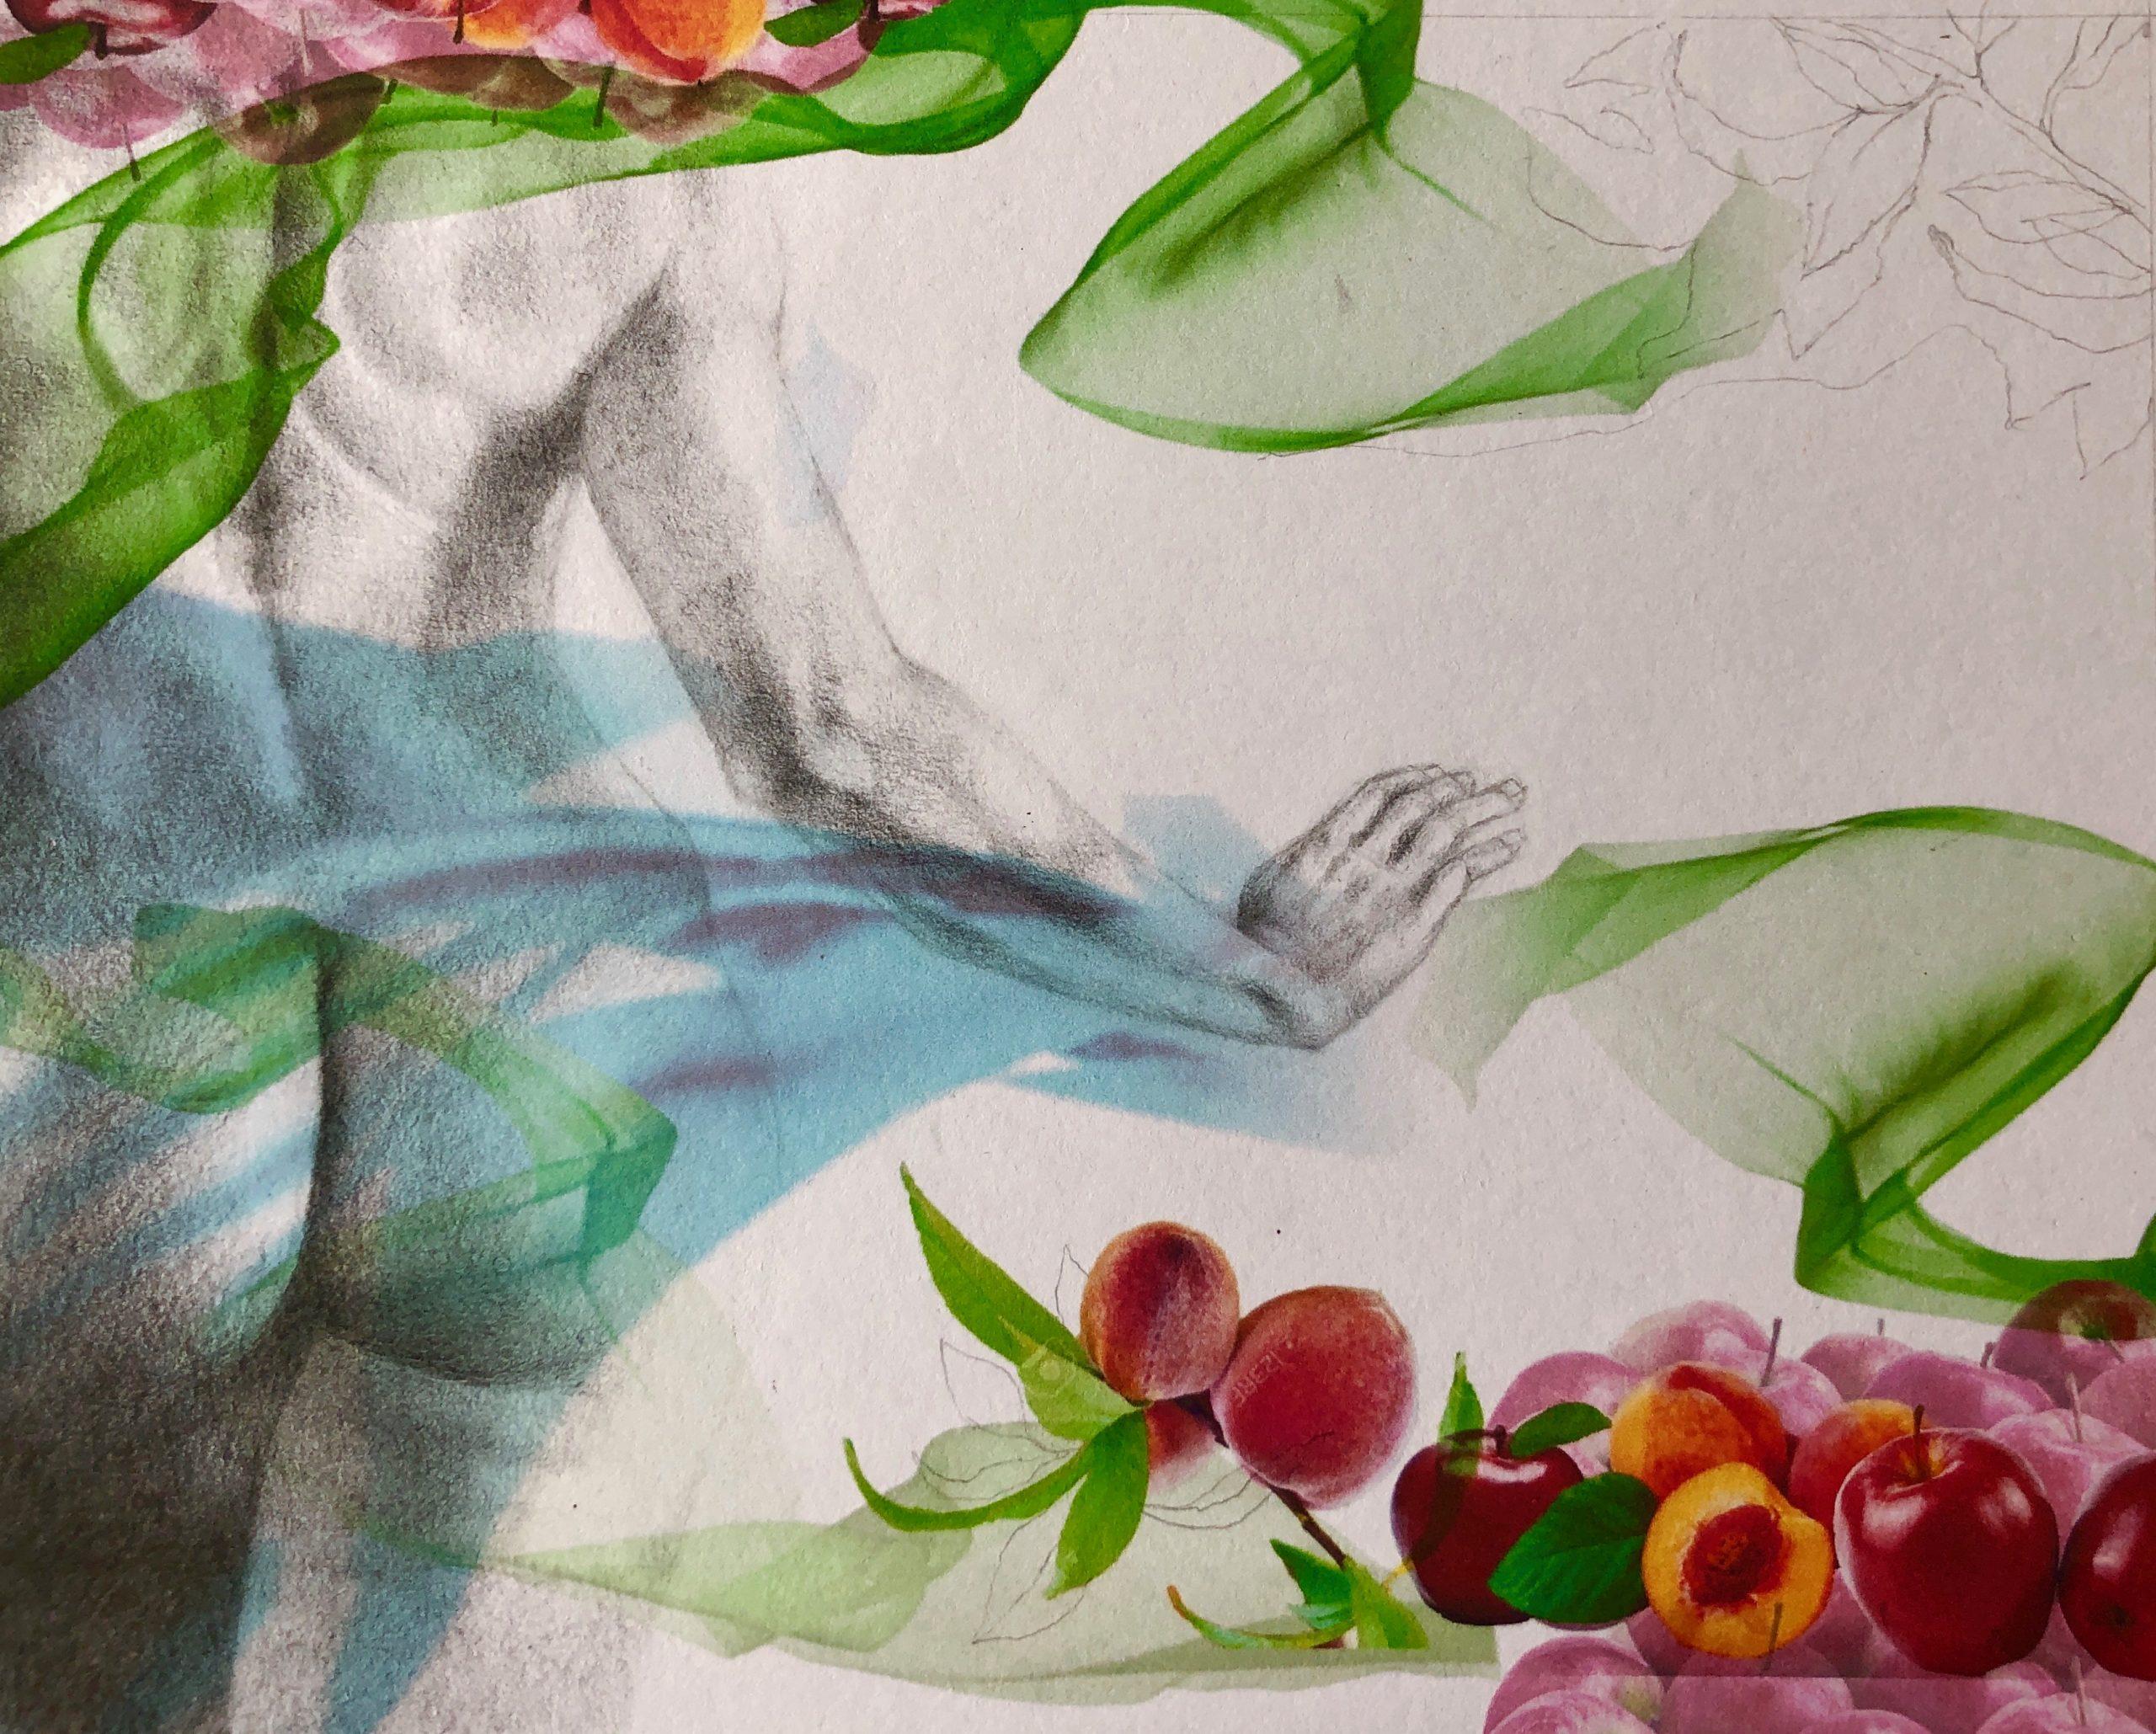 Ale Feijó   Verano   Técnica mixta: dibujo sobre papel y collage digital impreso sobre el papel dibujado. 21.5 x 17 cm